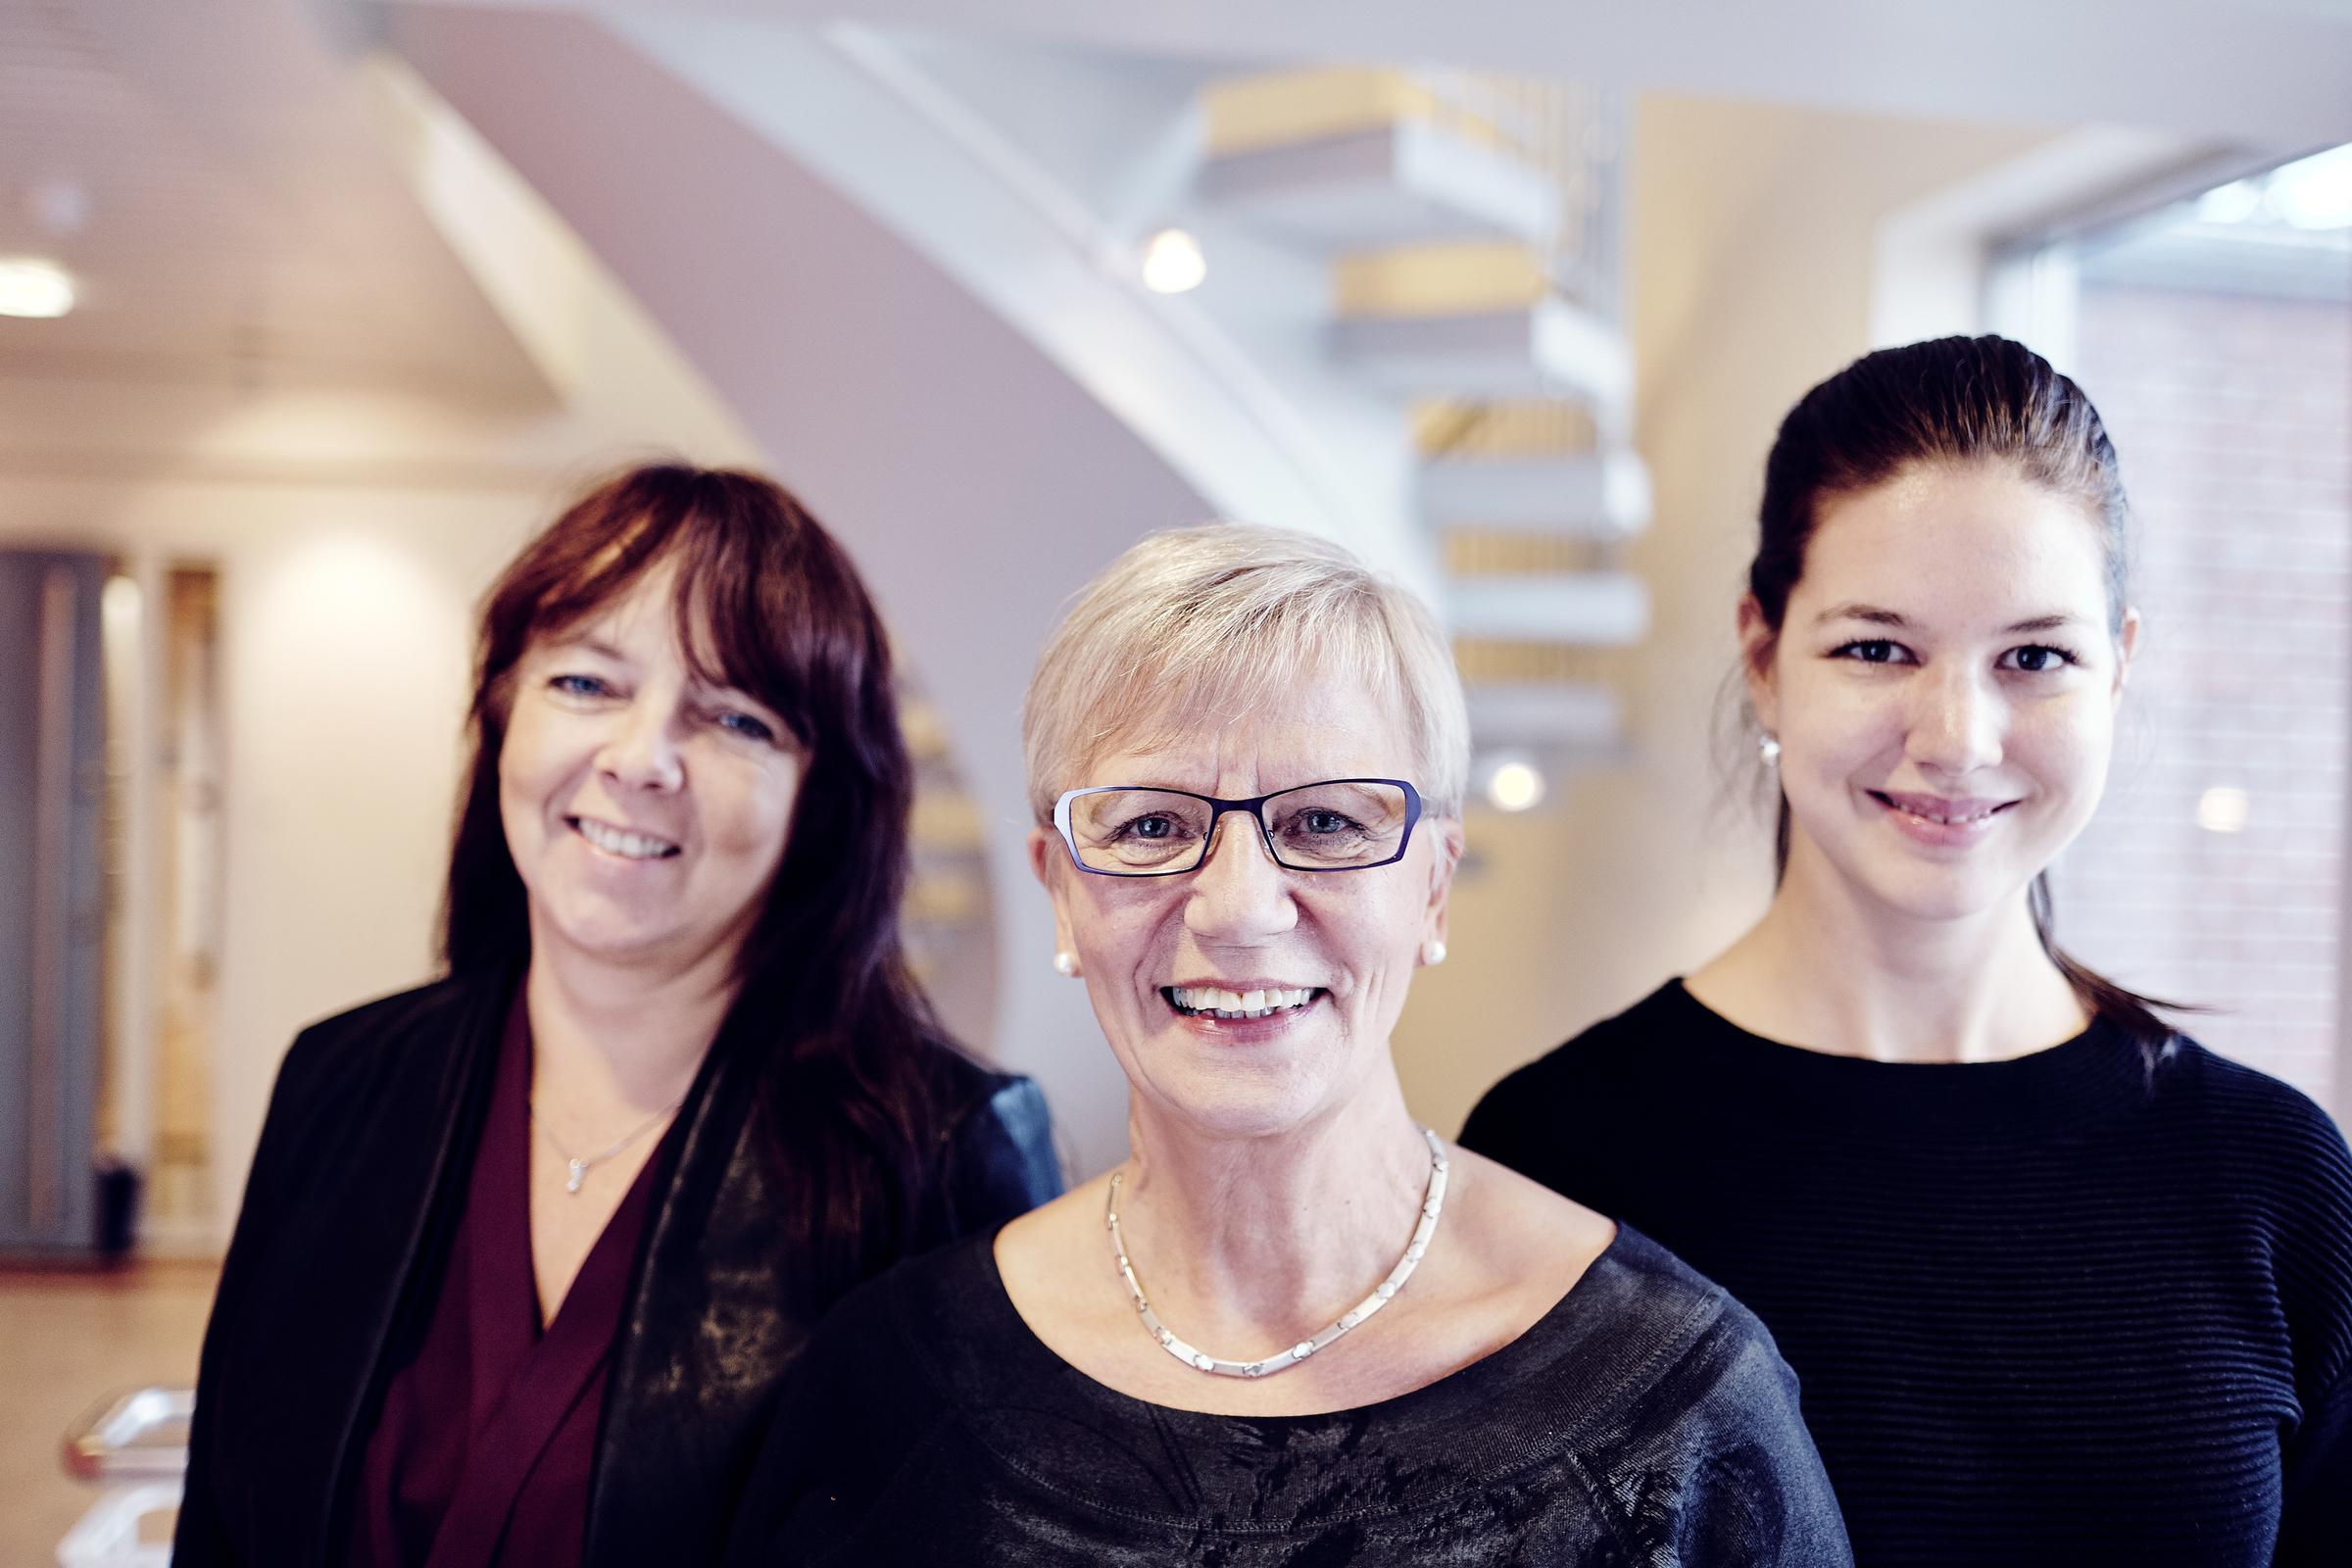 Tre smilende kvinner i ulik alder